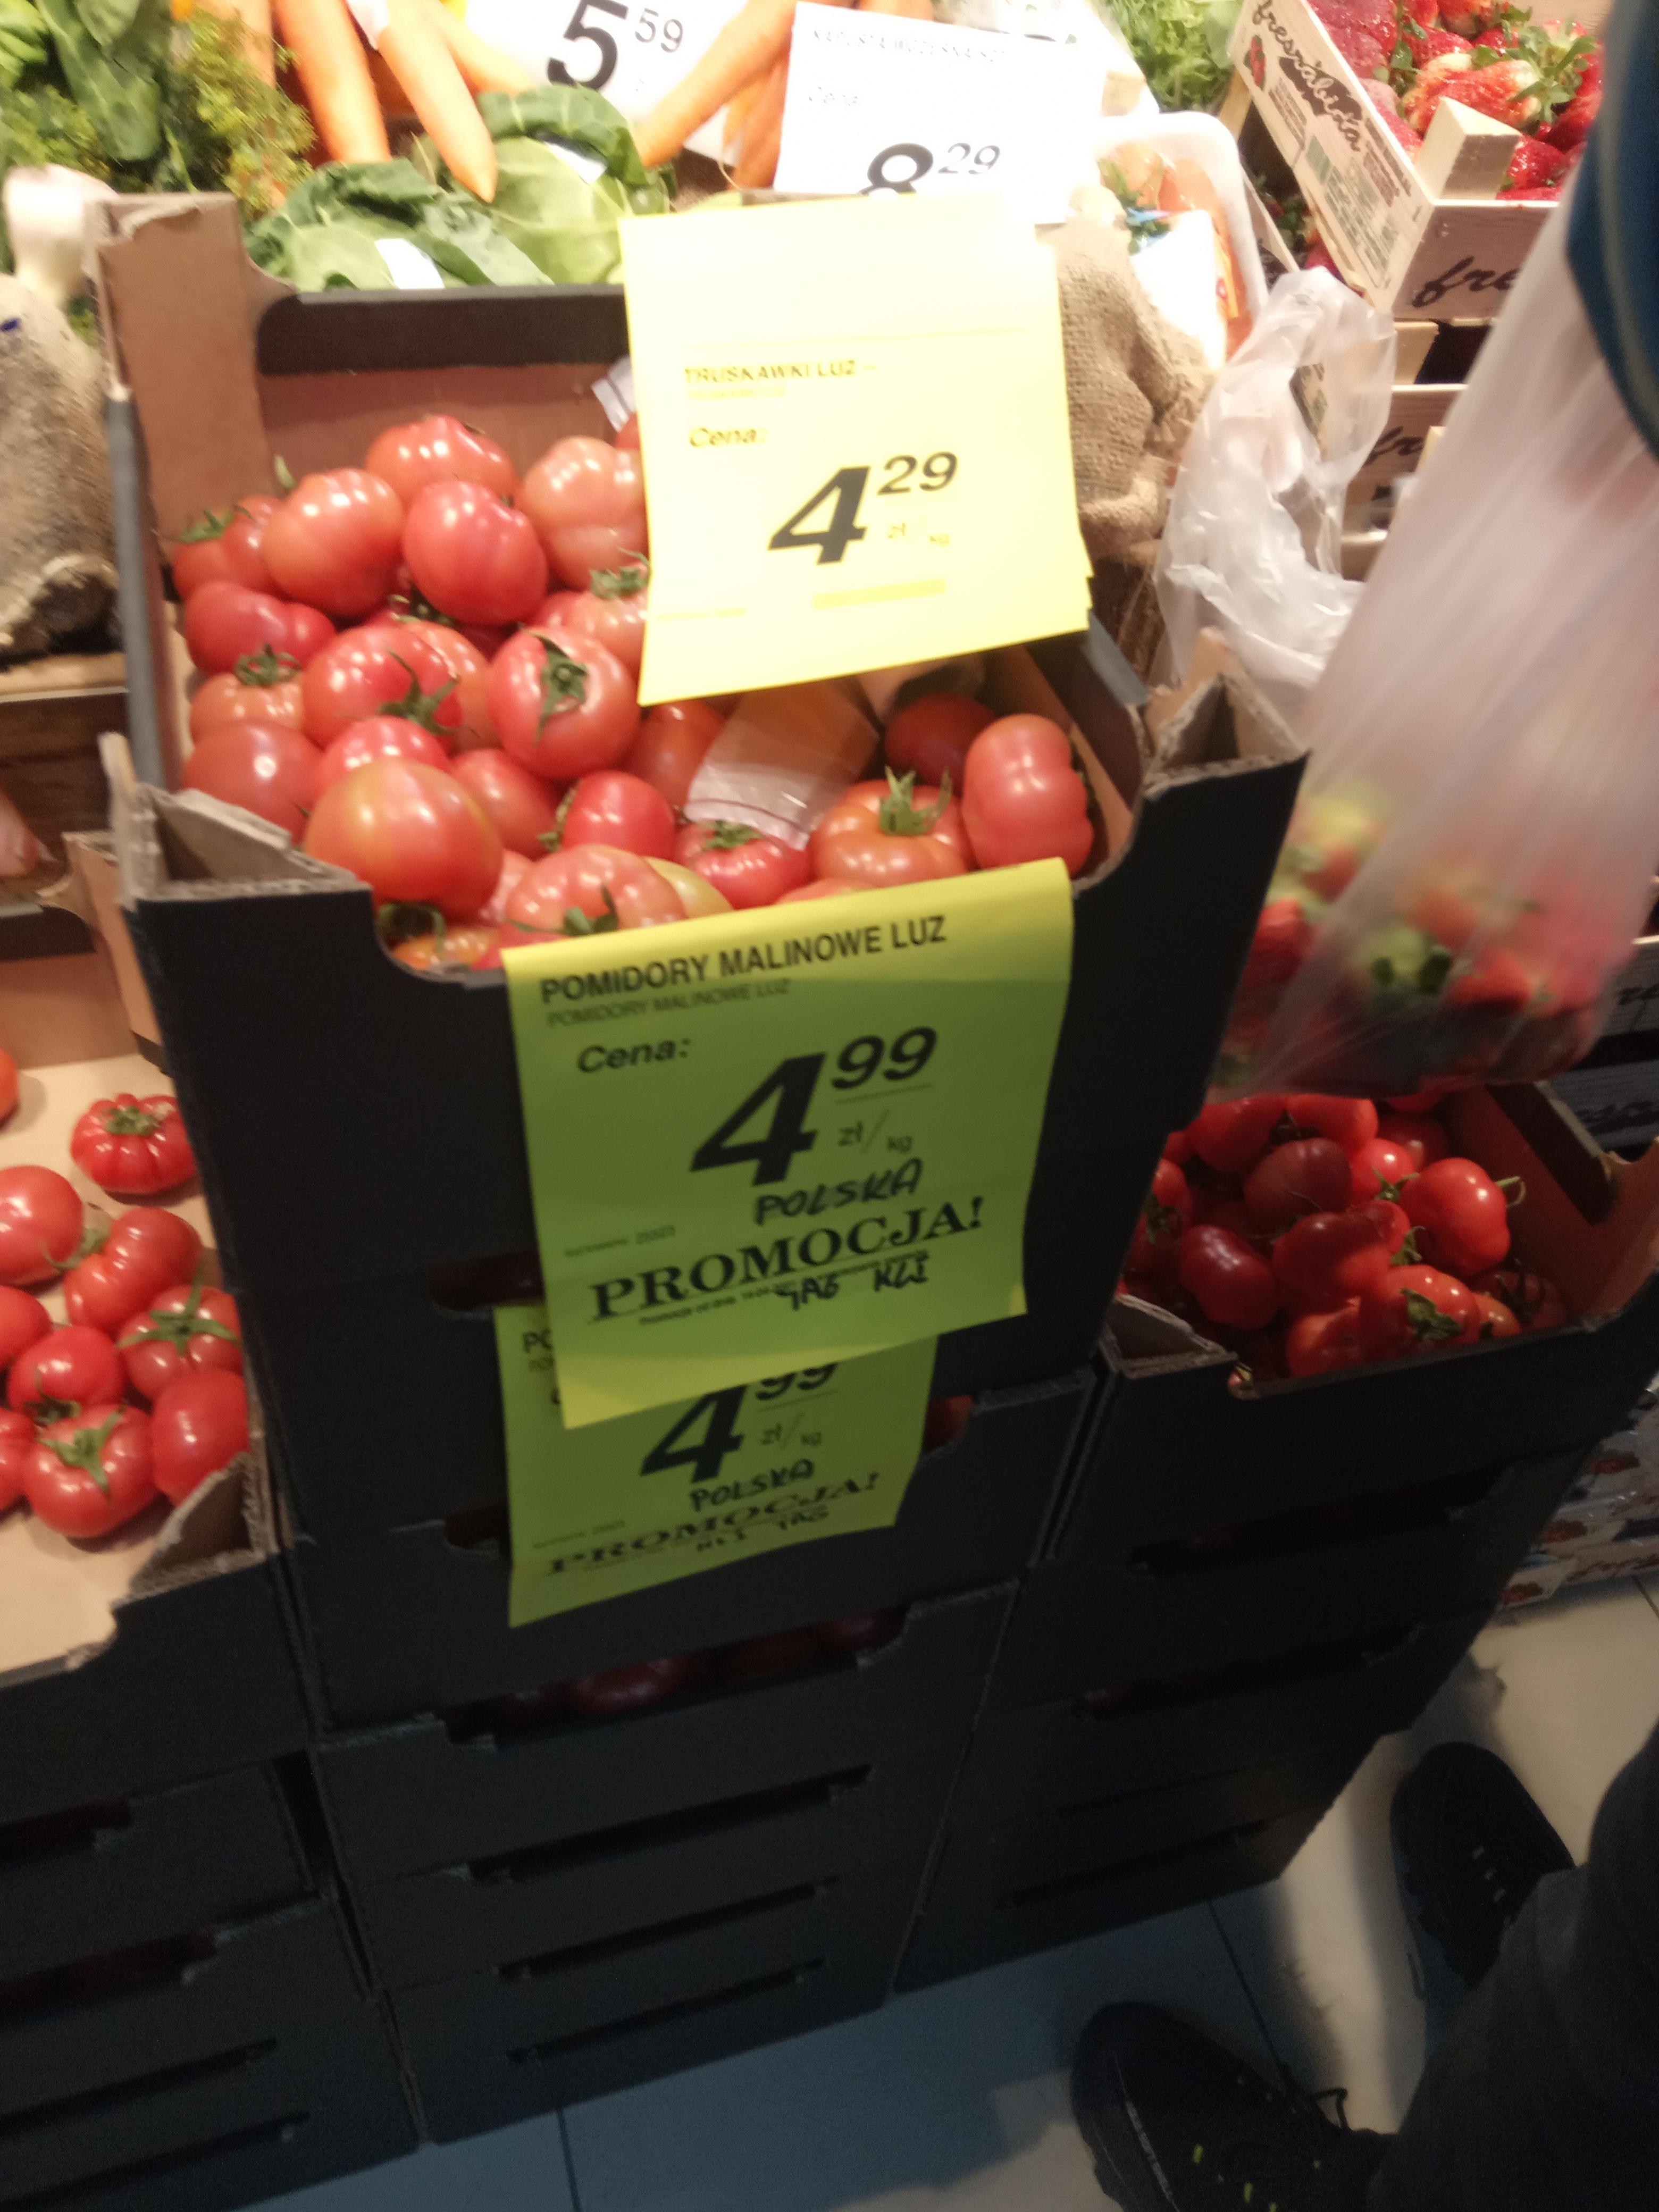 Pomidory malinowe 4,99 zł/kg, truskawki 4,29 zł/kg, ogórki 1,79 zł/szt PSS Społem